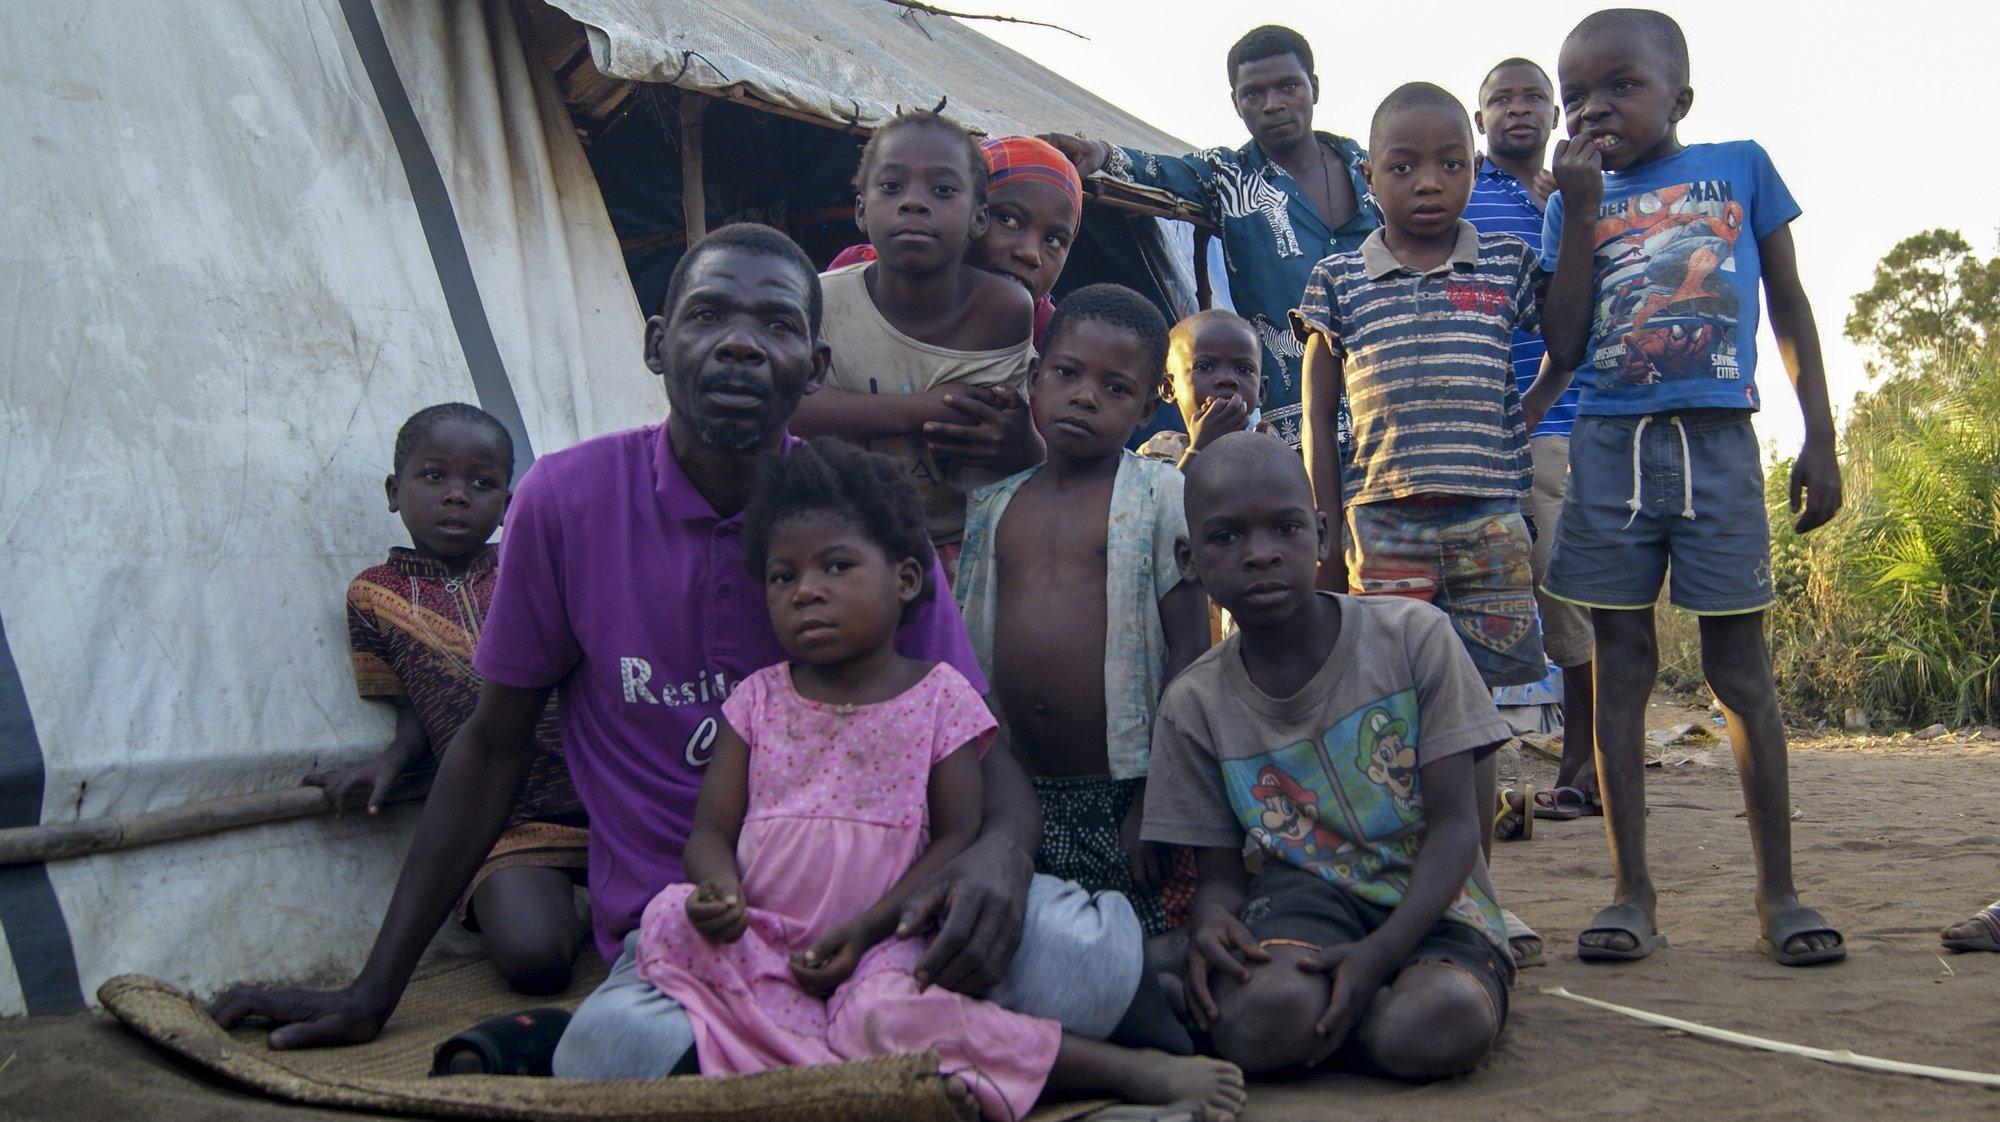 Abu Sefo (2-E), 52 anos, fugiu de Mocímboa da Praia há um ano com sua família, posa para a fotografia acompanhado por crianças num dos campos de acolhimento de deslocados em Metuge, espaço que alberga deslocados que fogem da violência armada no norte de Moçambique, Cabo Delgado, Moçambique, 16 de agosto de 2021. Na sequência dos ataques, que aterrorizam a província de Cabo Delgado desde 2017, há mais de 3.100 mortes, segundo o projeto de registo de conflitos ACLED, e mais de 817 mil deslocados, segundo as autoridades moçambicanas. (ACOMPANHA TEXTO DA LUSA DO DIA 17 DE AGOSTO DE 2021). LUÍSA NHANTUMBO/LUSA